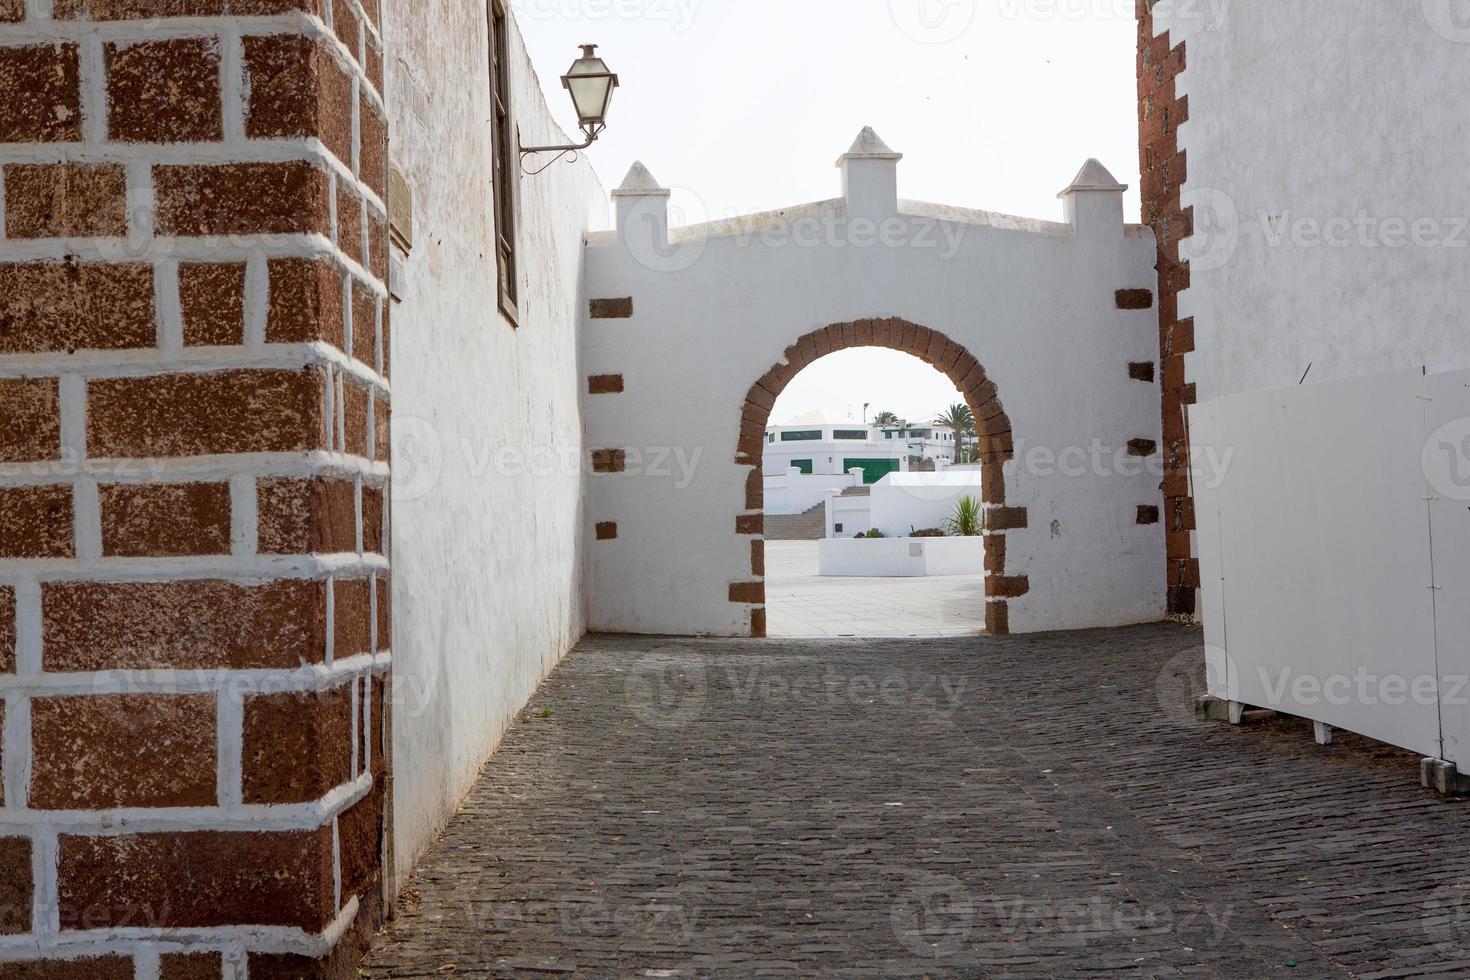 Lanzarote pueblo blanco de Teguise en Islas Canarias foto